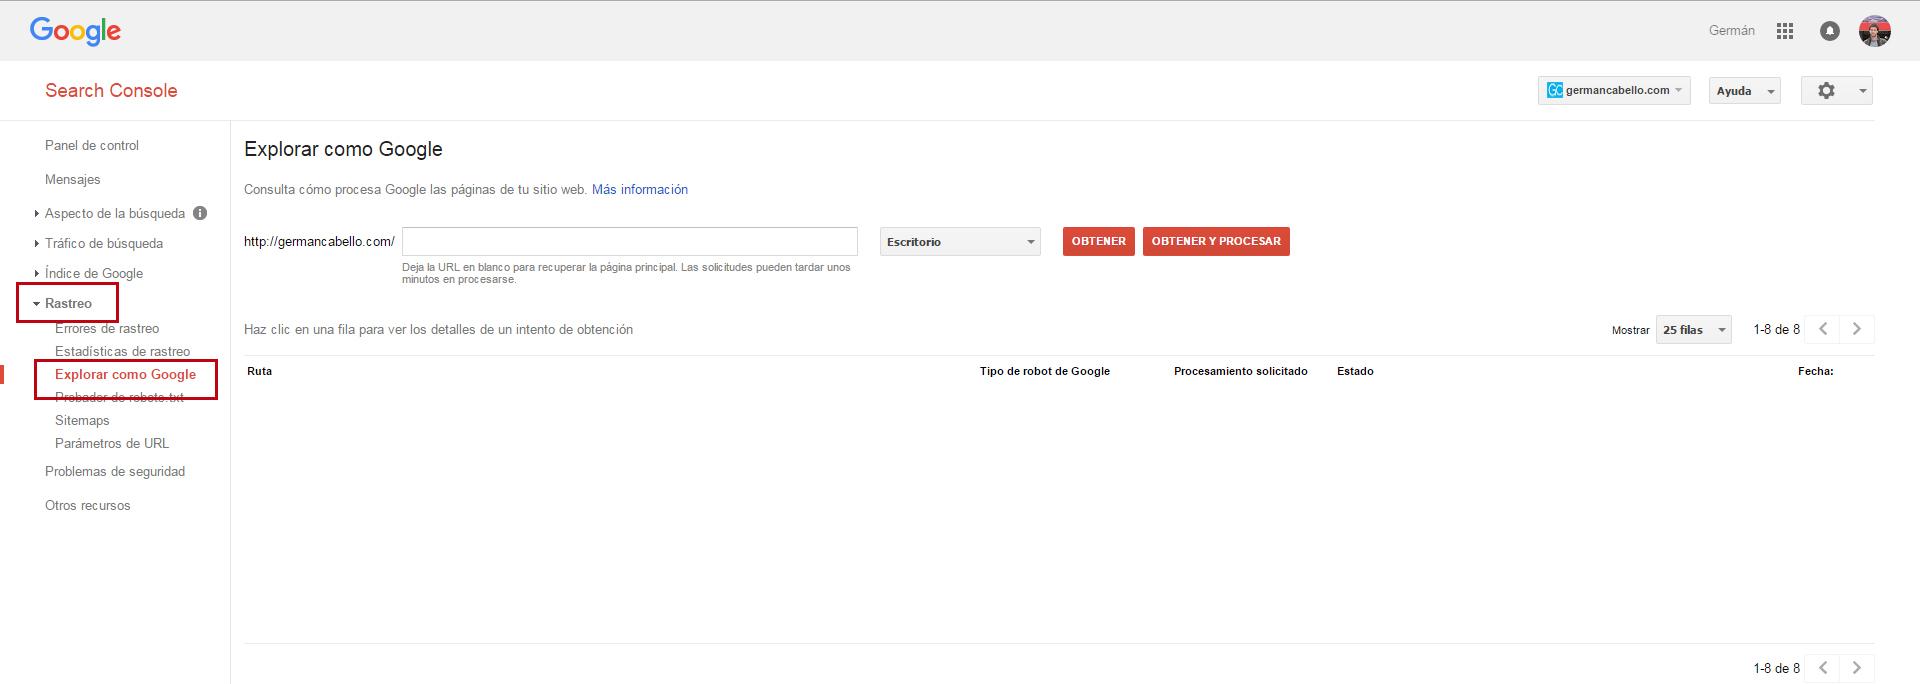 consola de google explorar como google